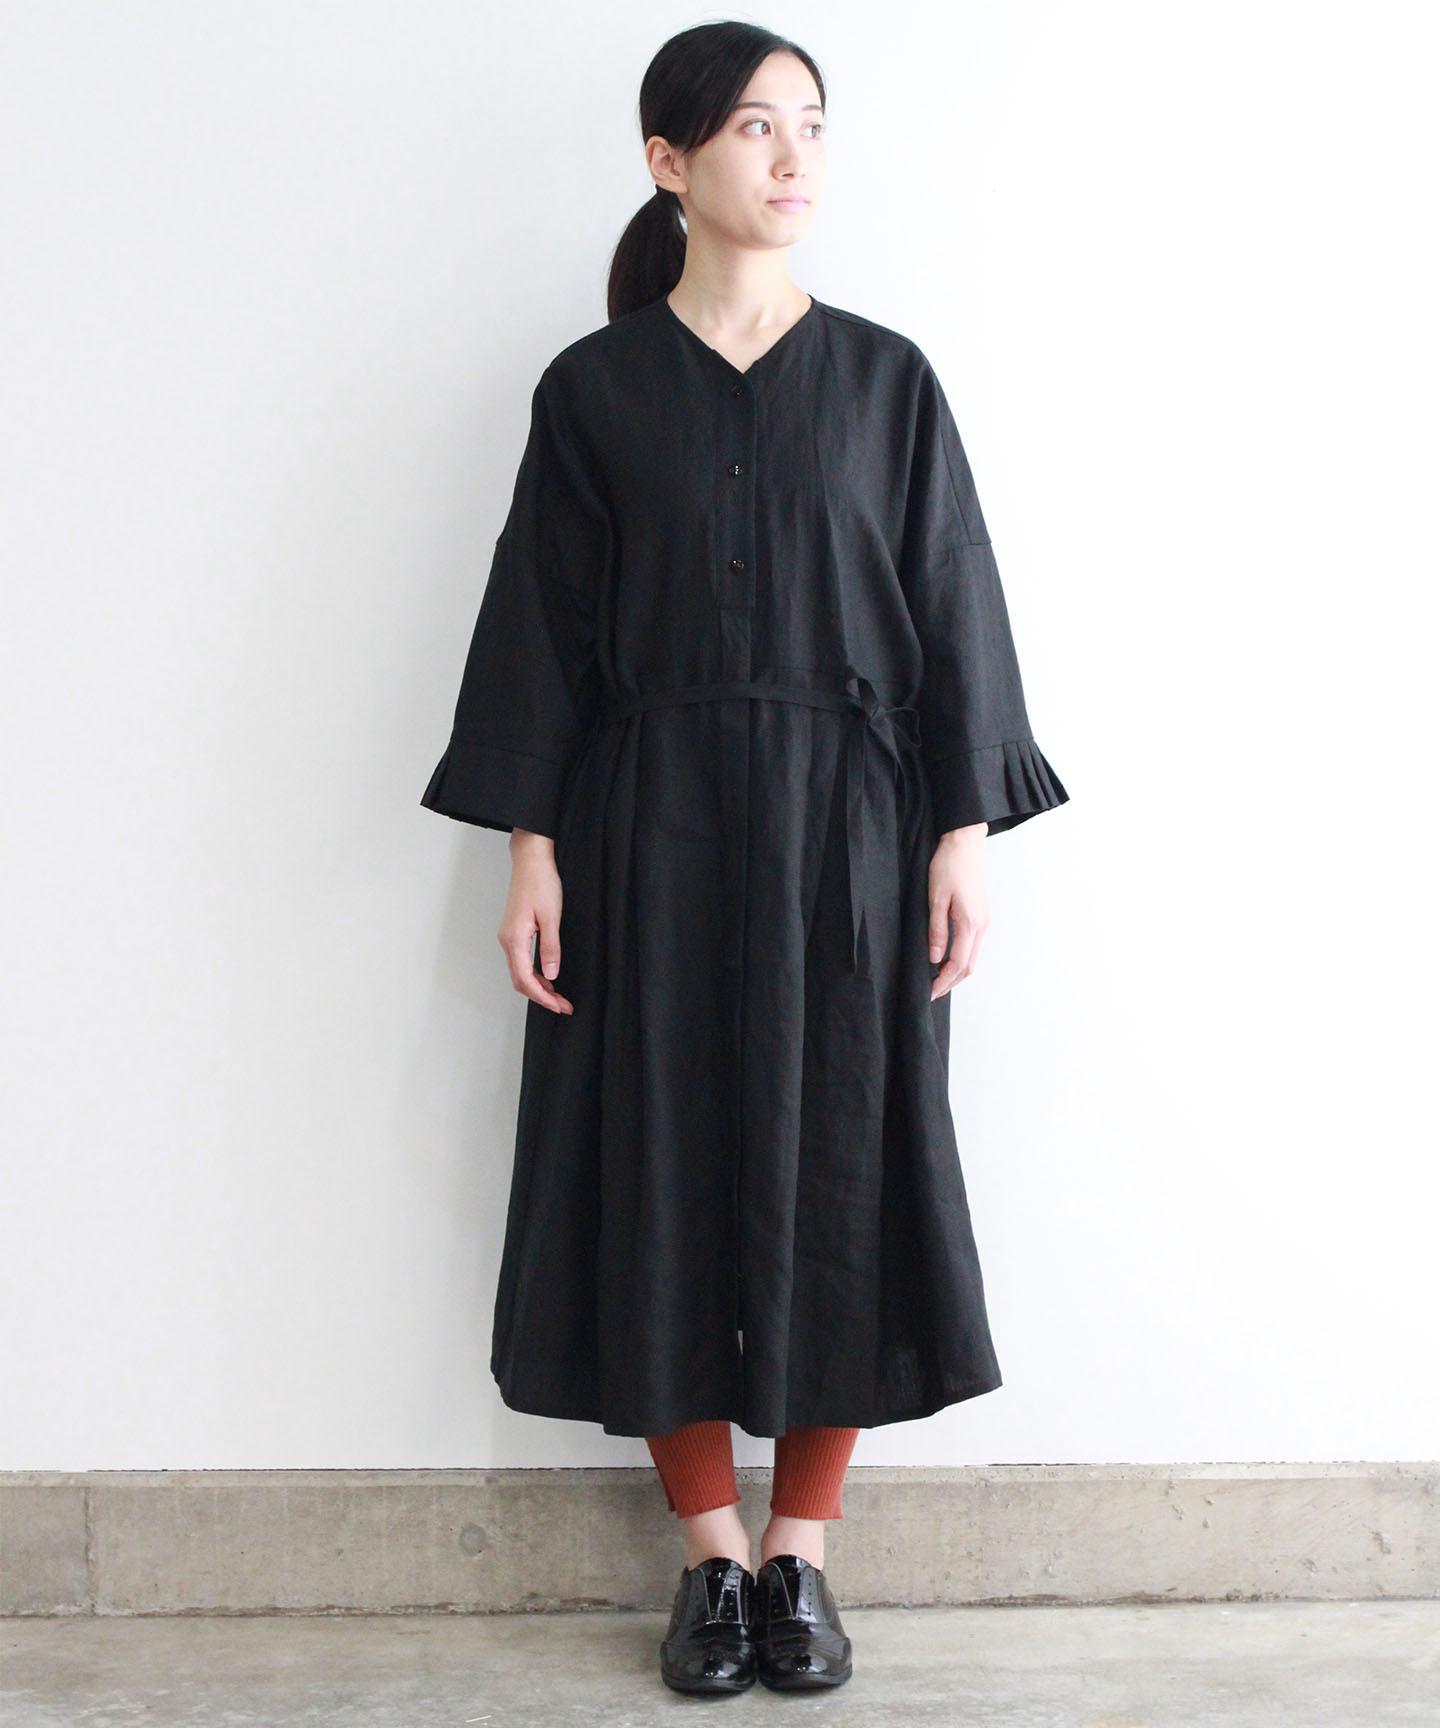 【予約商品】リネンタックカフスワンピースドレス(evi603 BLK・ブラック)